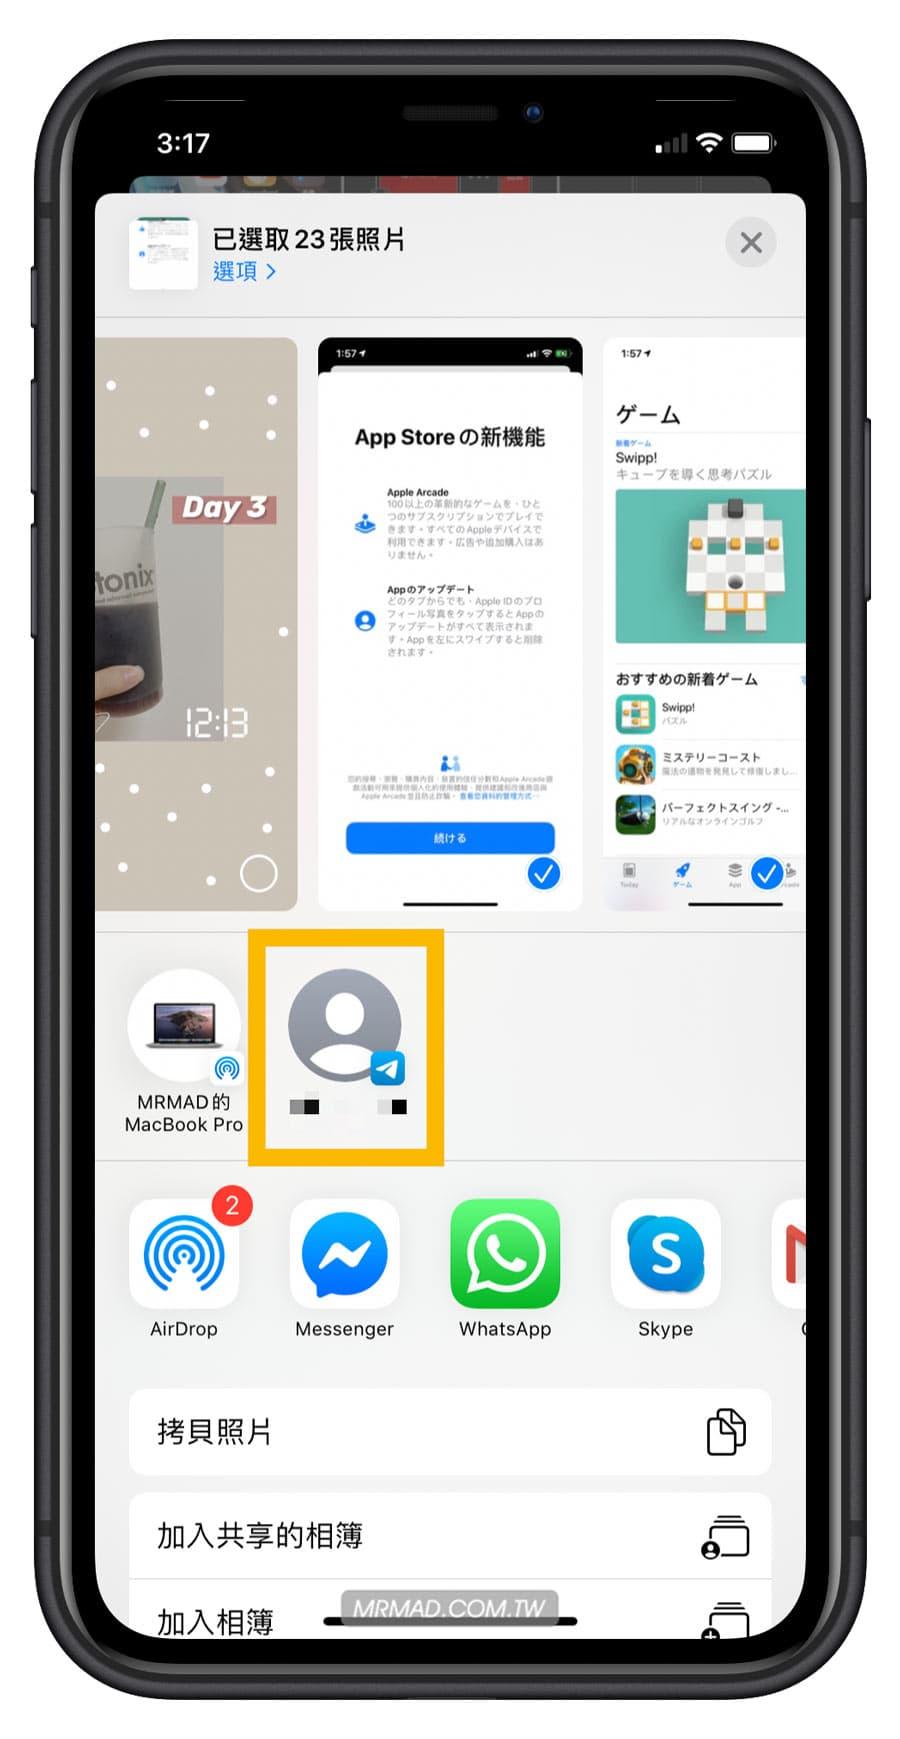 教你移除iOS分享AirDrop聯絡人技巧,防誤點防誤傳